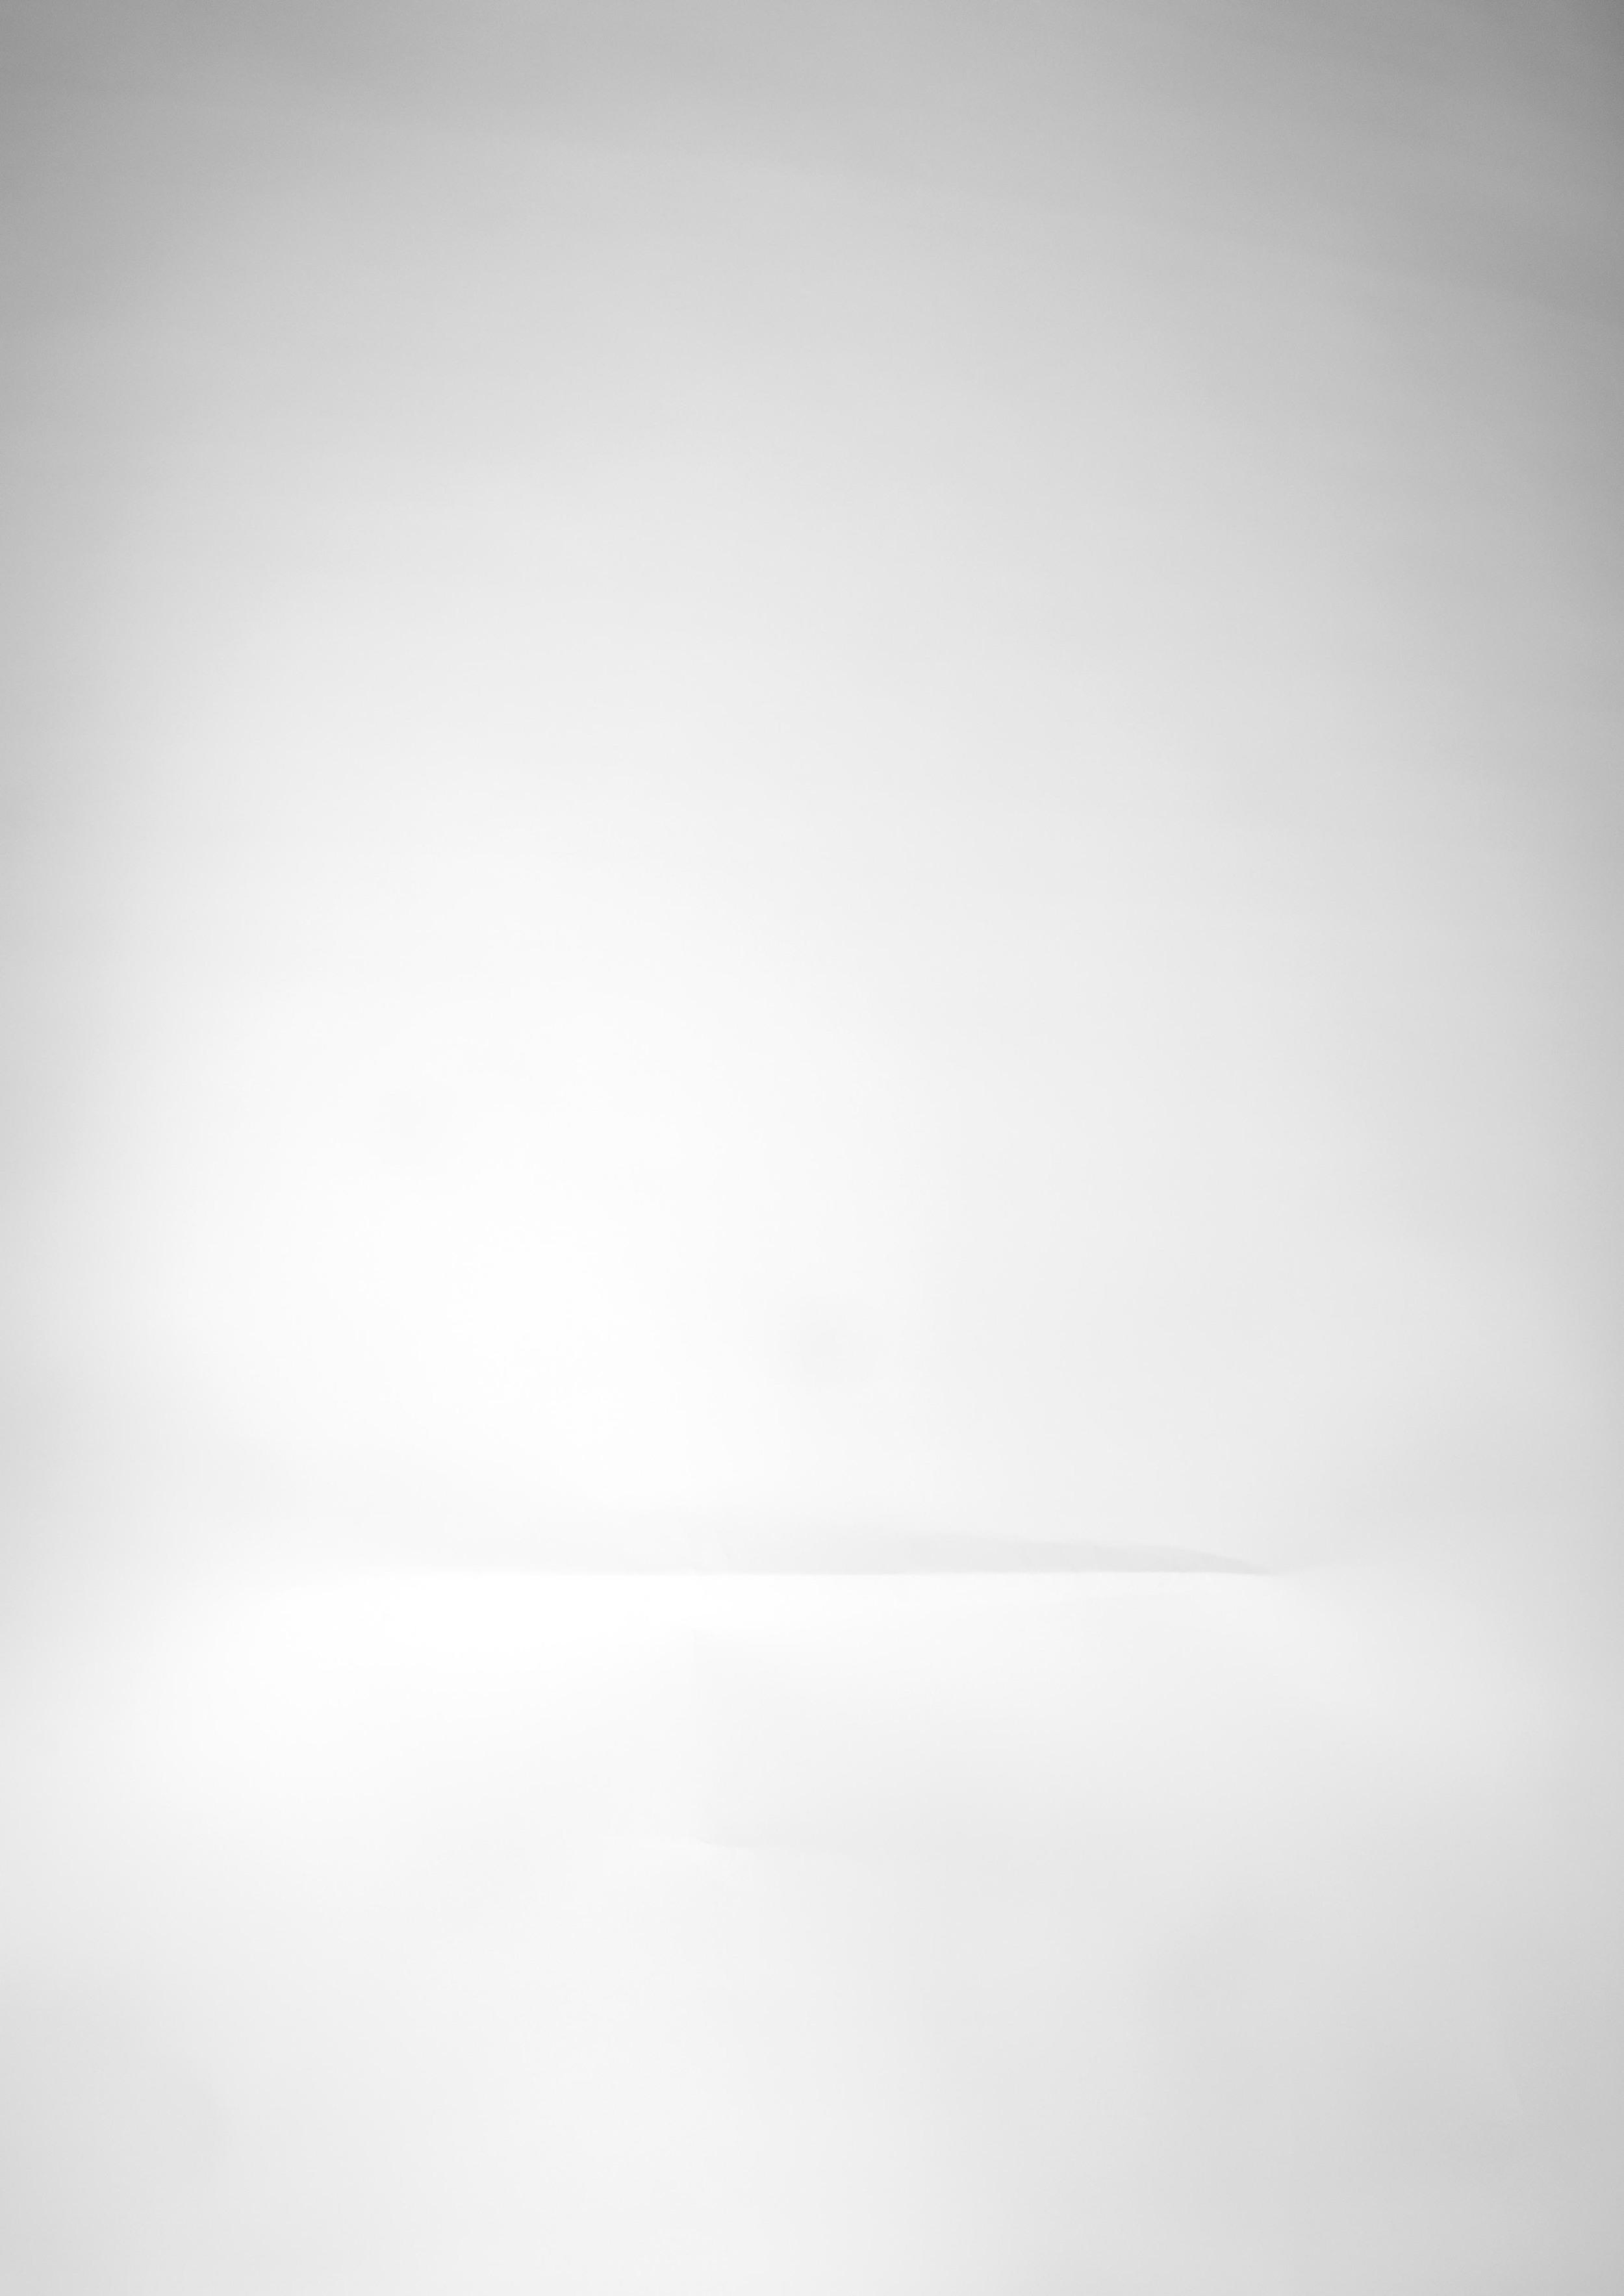 Pure [One Line] ii.jpg